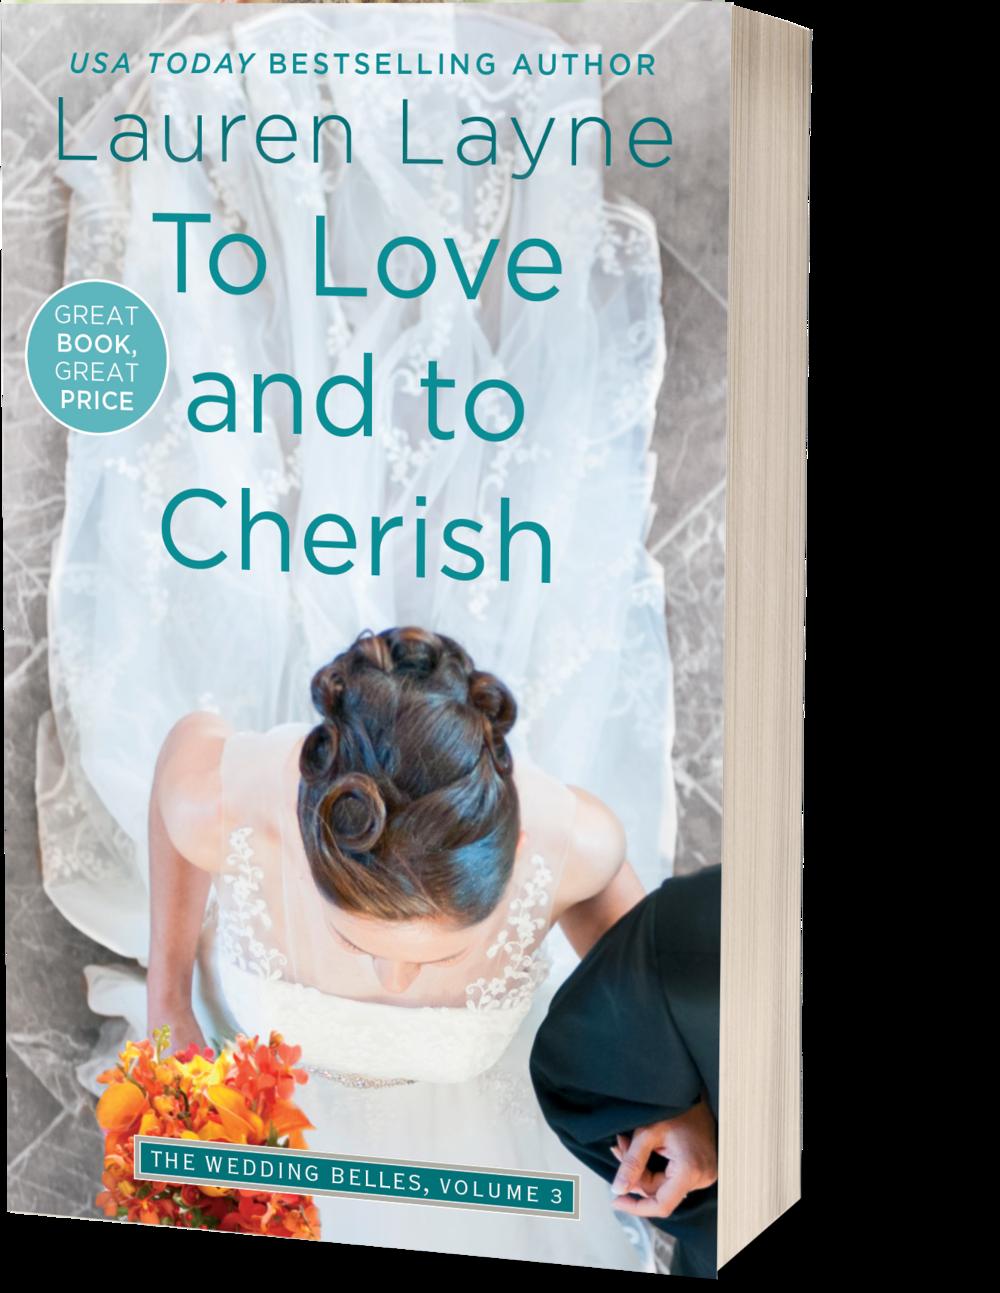 To Love and to Cherish by Lauren Layne